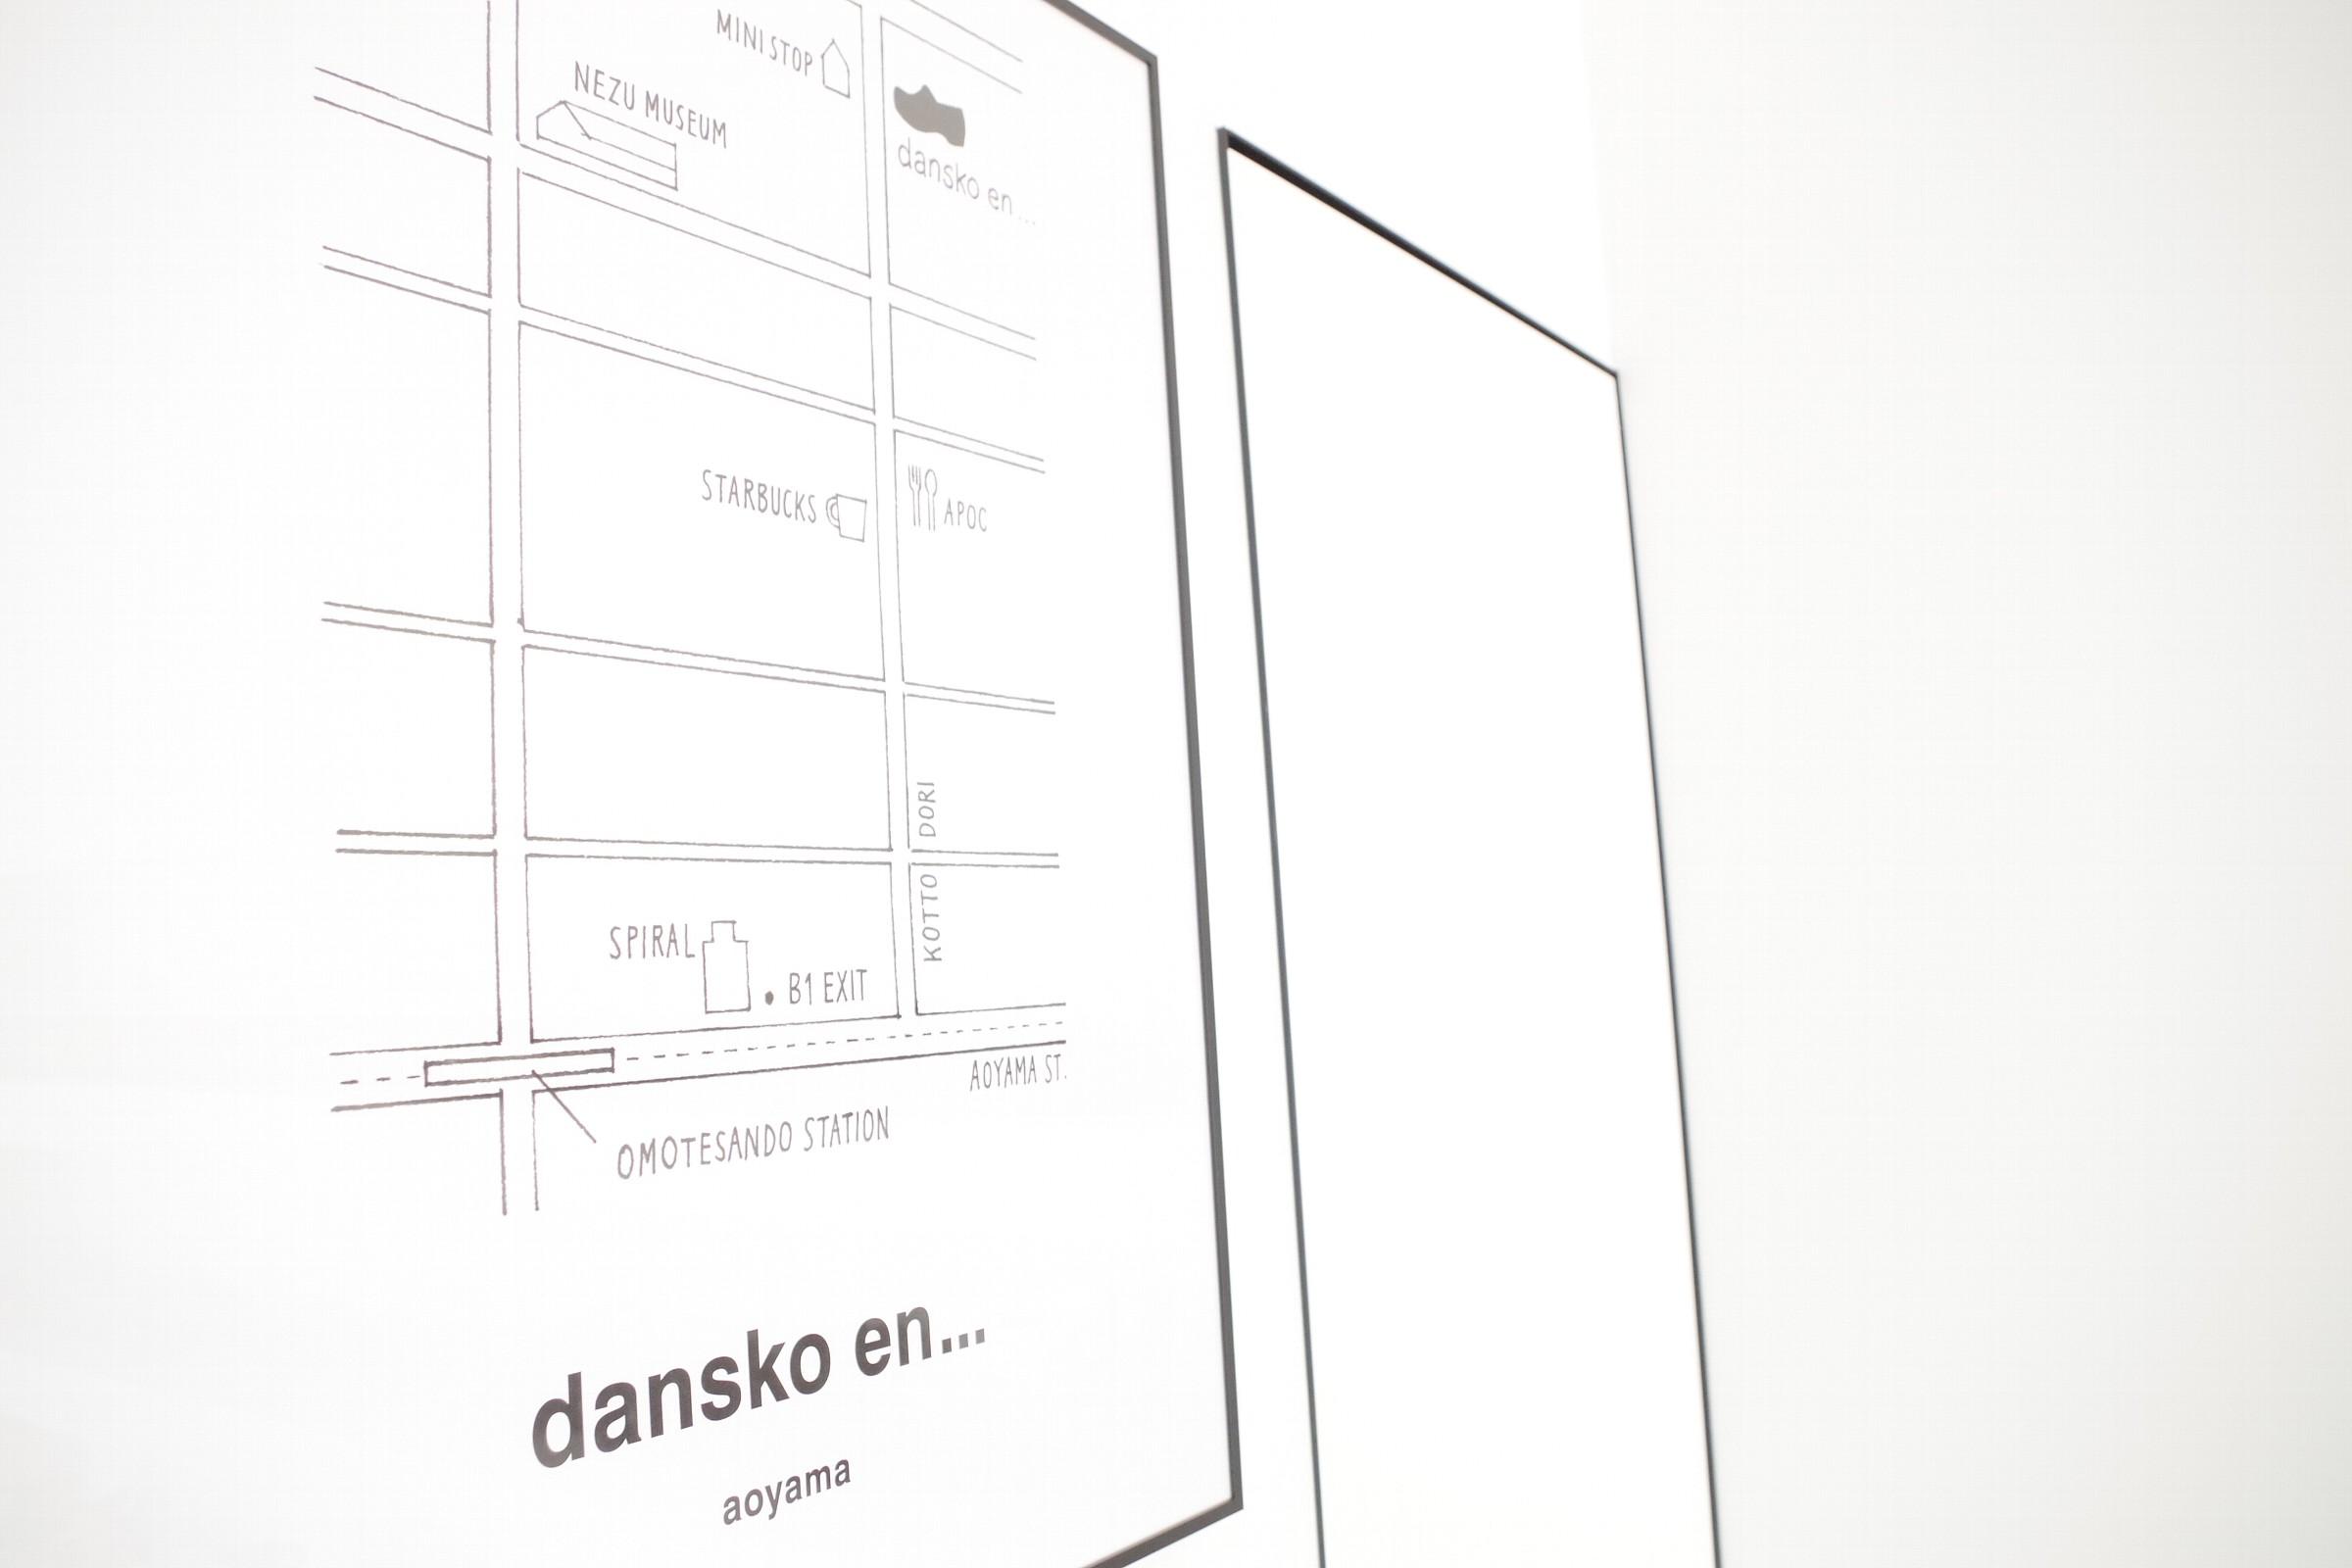 【dansko en...】